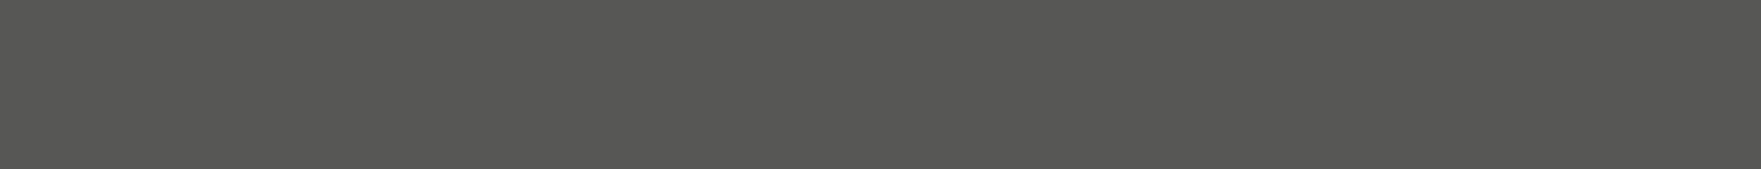 grey-bar